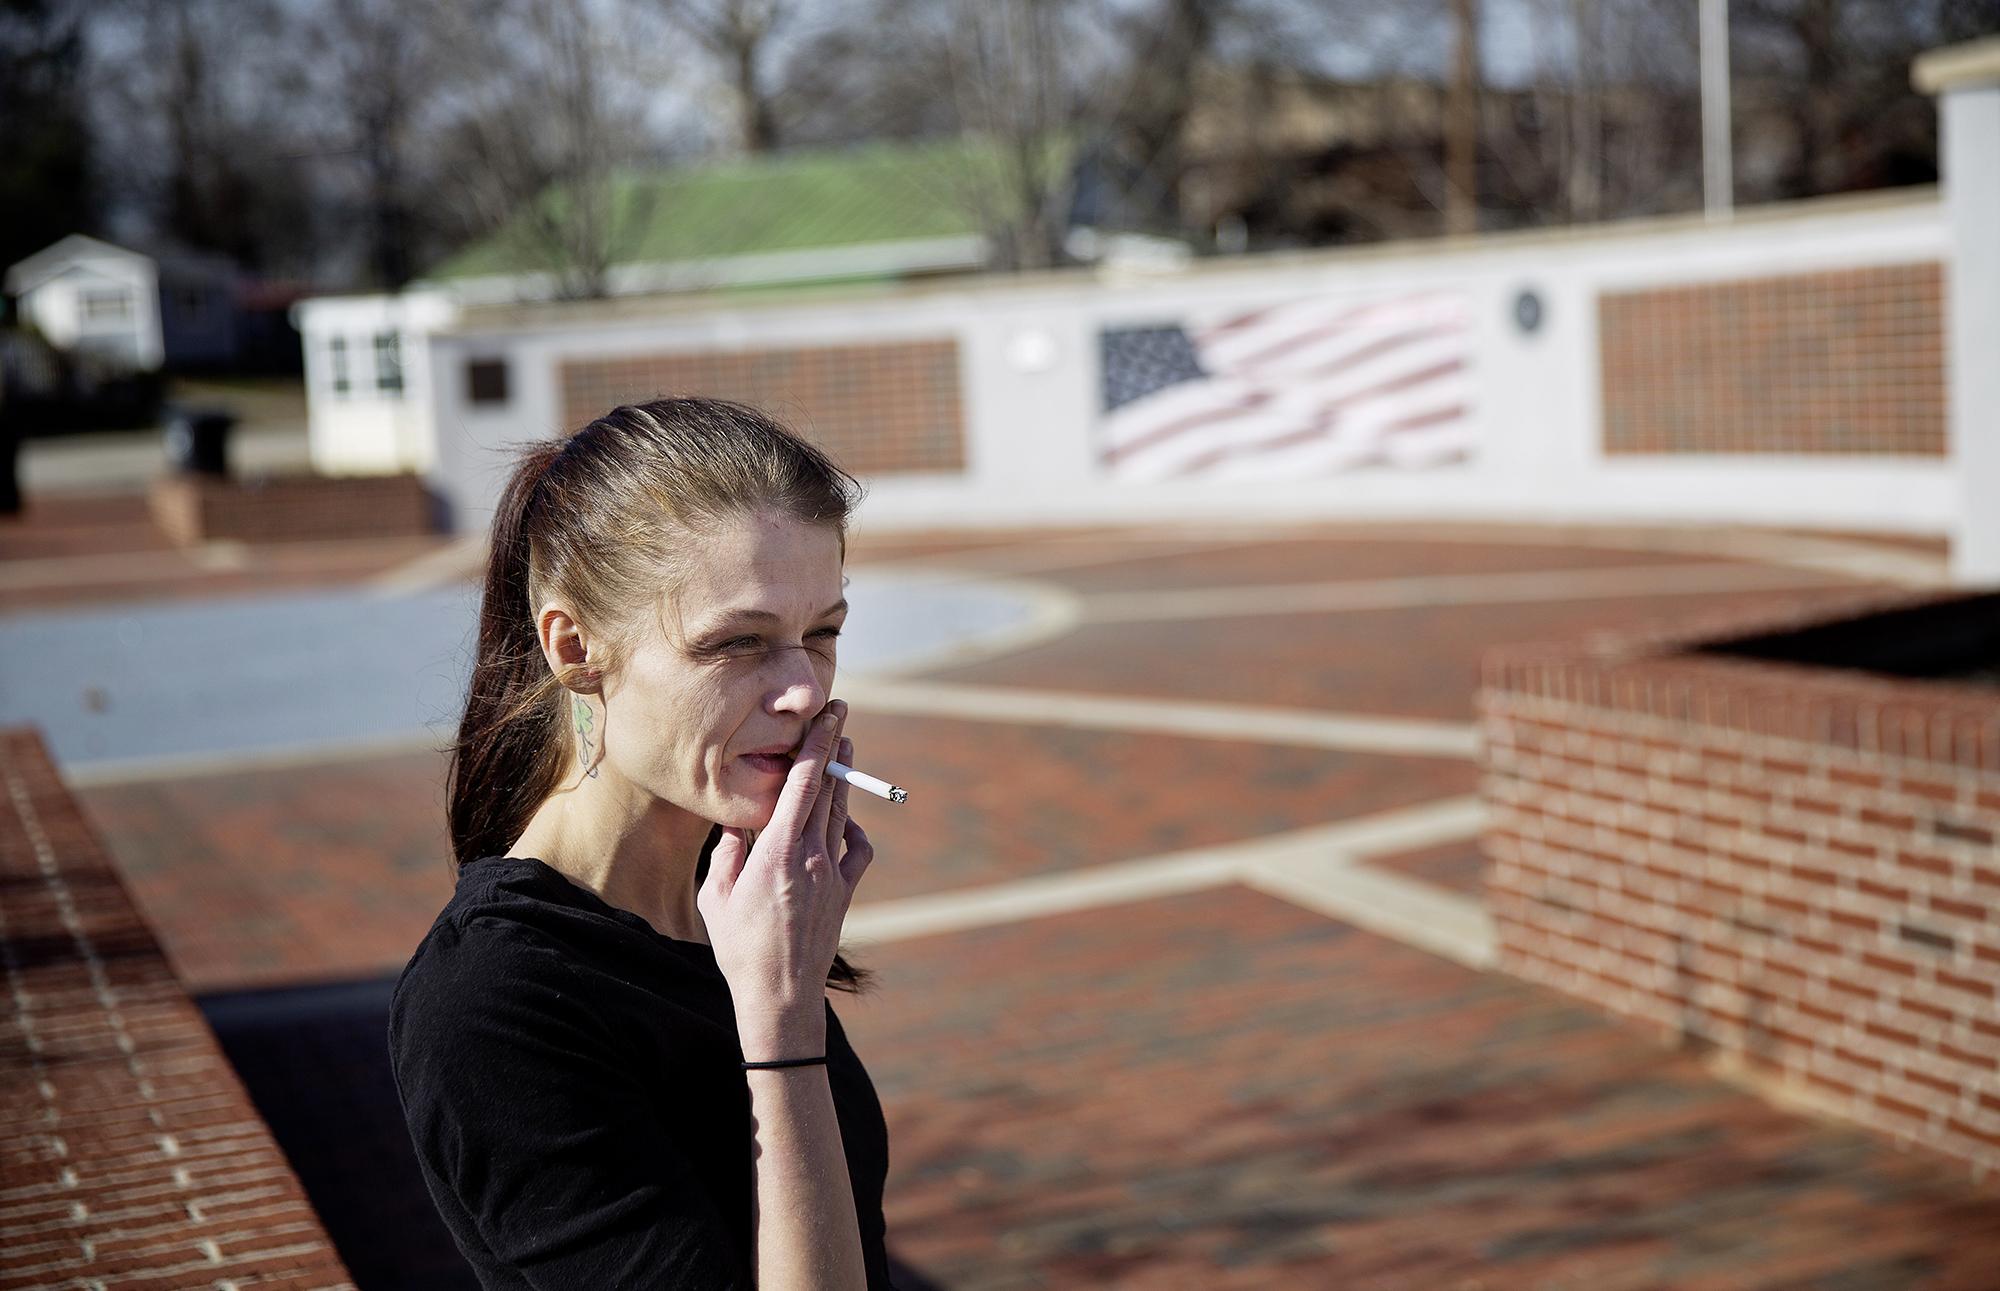 Ashley Chandler ist das, was einige Amerikaner «white trash» nennen. Sie hofft, dass Donald Trump ihre Wirklichkeit «weniger schwierig»macht.